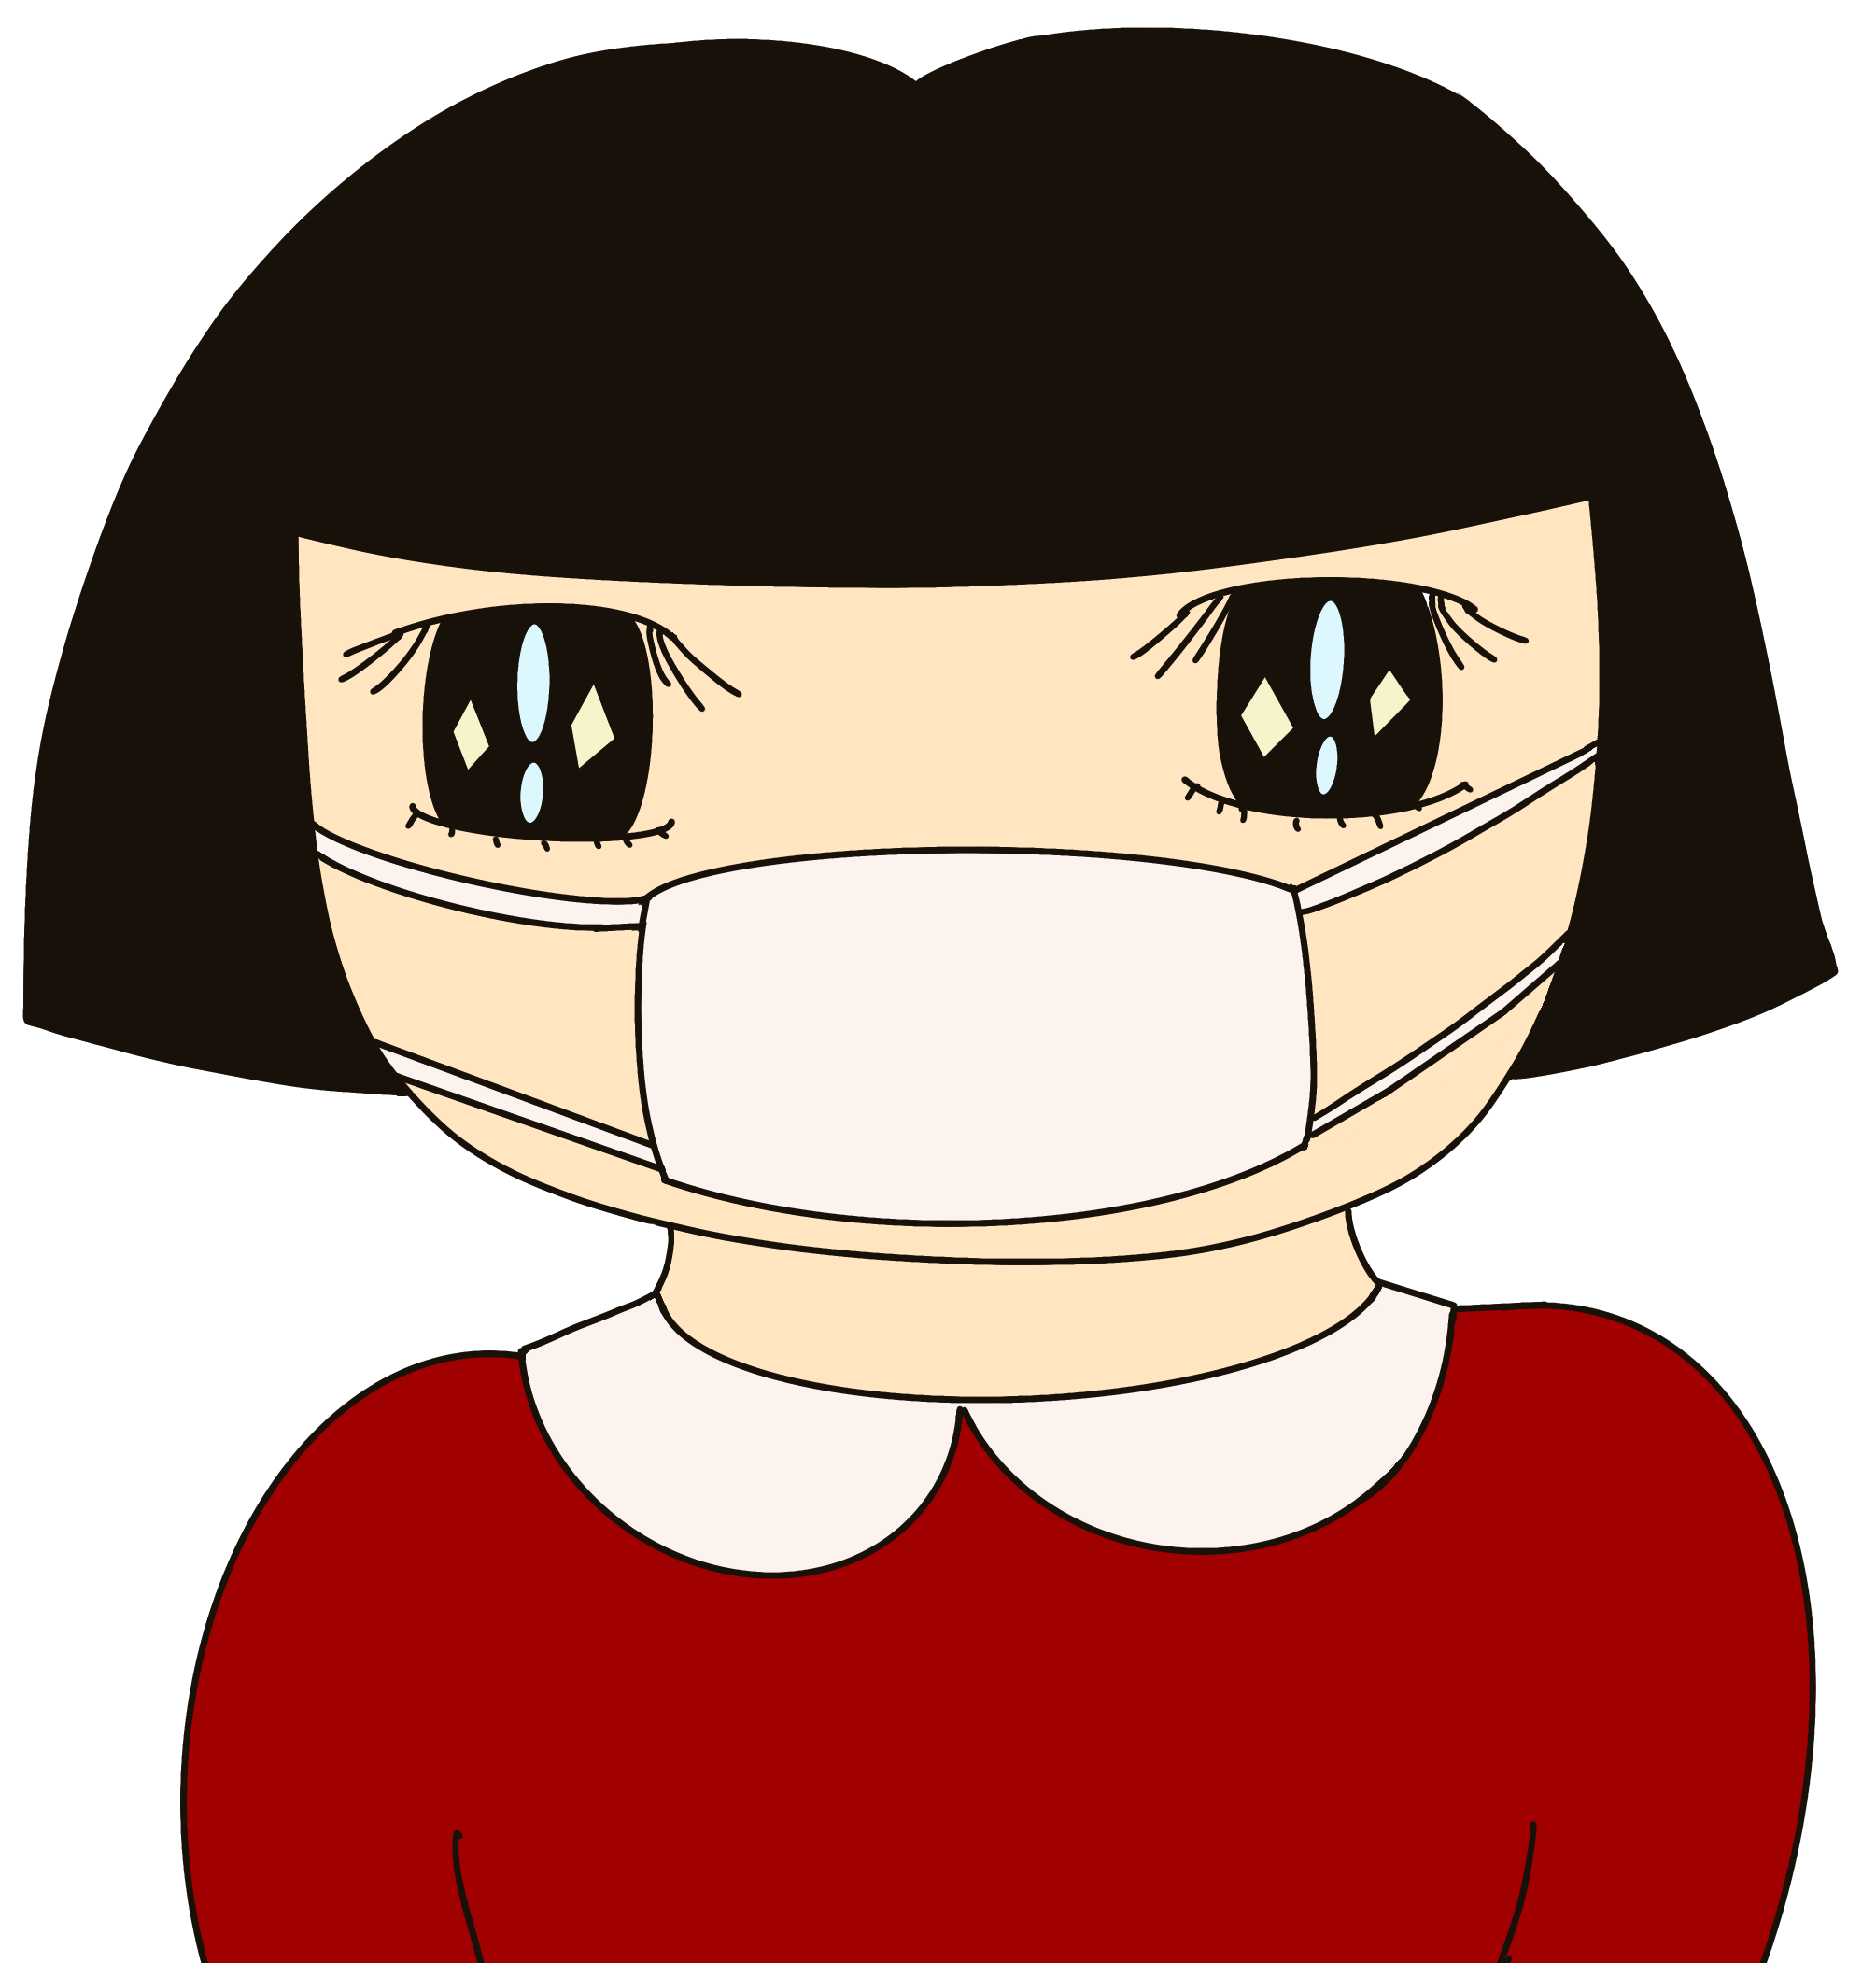 無料ぬりえプリント「マスクをした女の子」(完成一例)